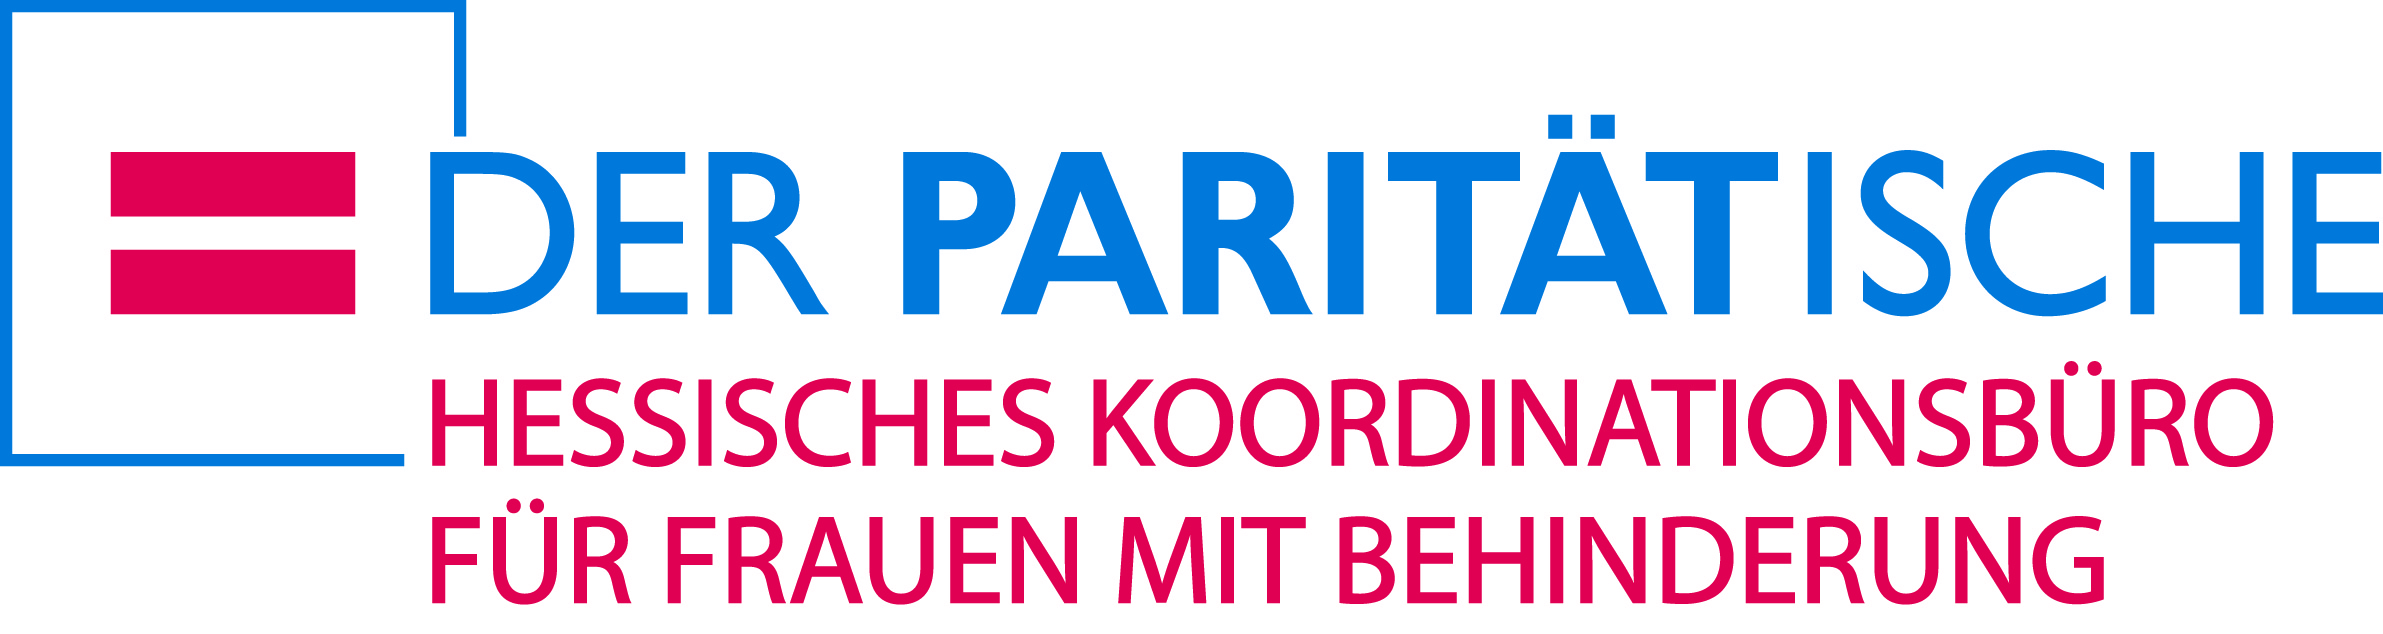 Paritaetischer Wohlfahrtsverband, Landesverband - Hessen e. V. - Hessisches Koordinationsbüro für Frauen mit Behinderung-Logo